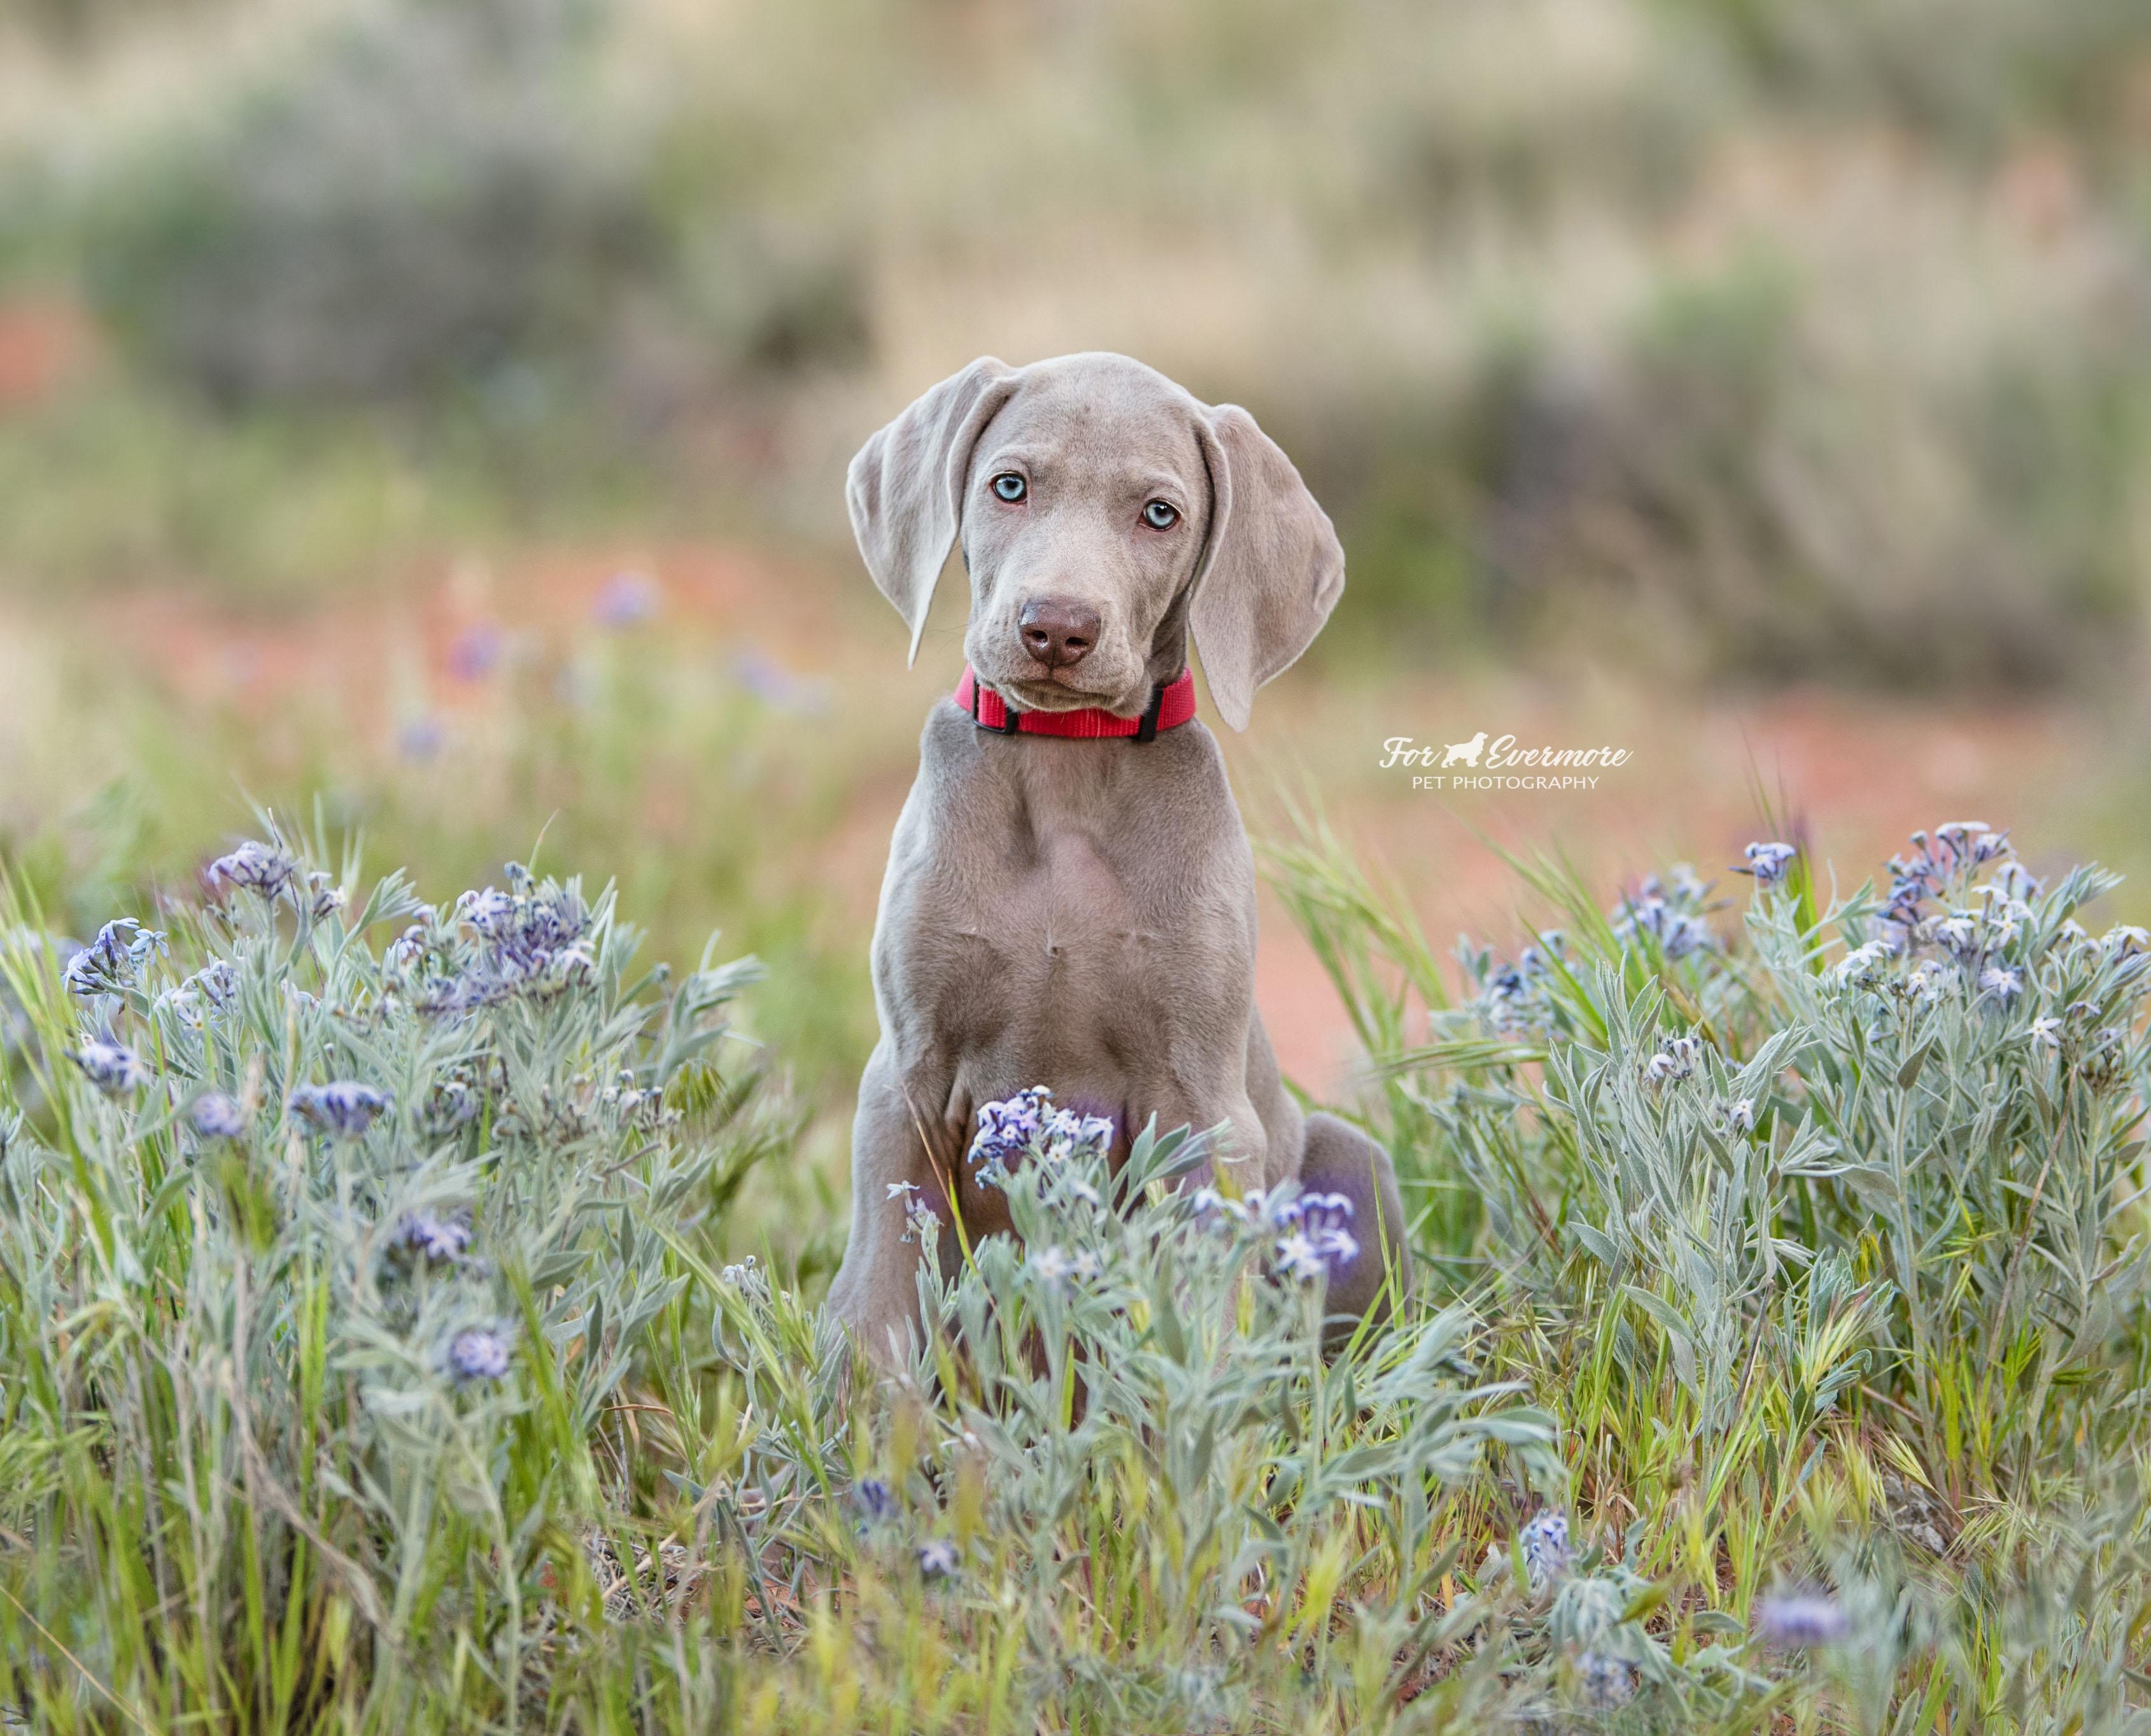 Weimaraner puppy Tiva